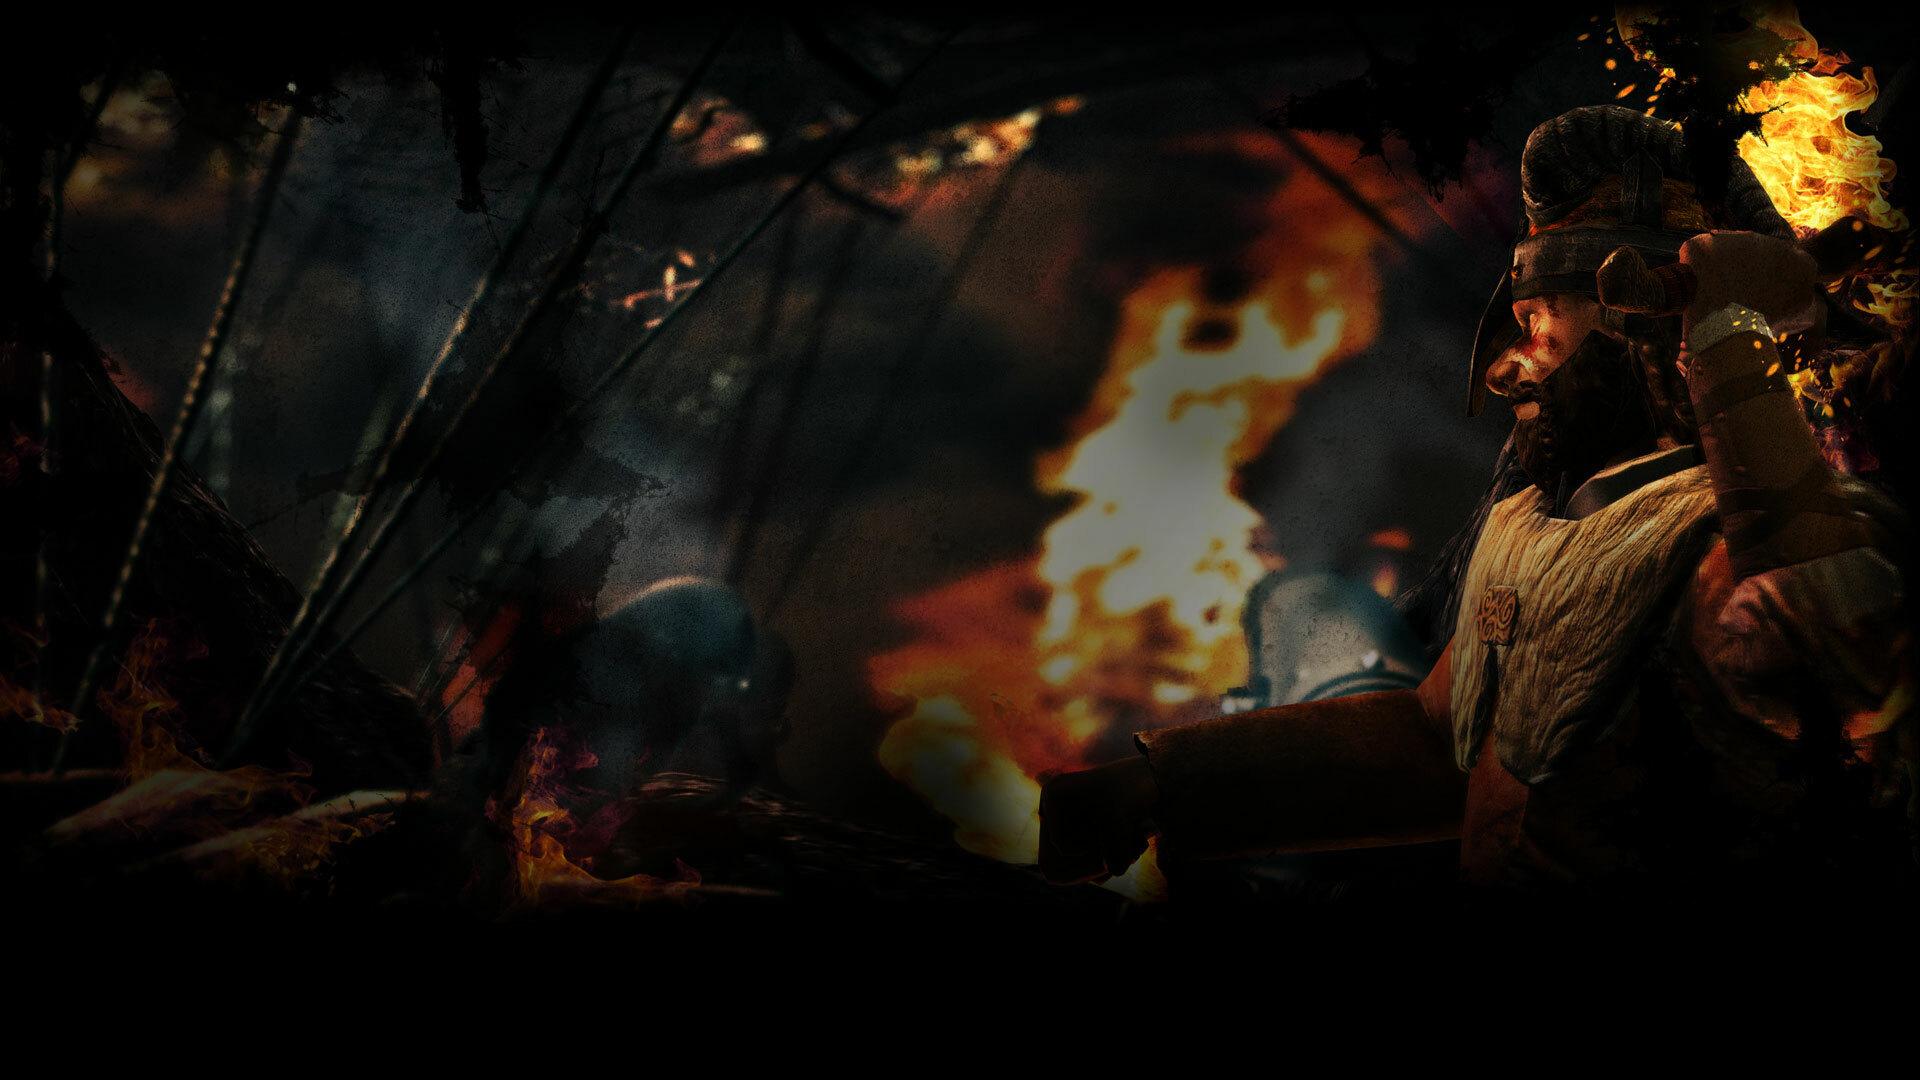 Viking in the Heat of Battle